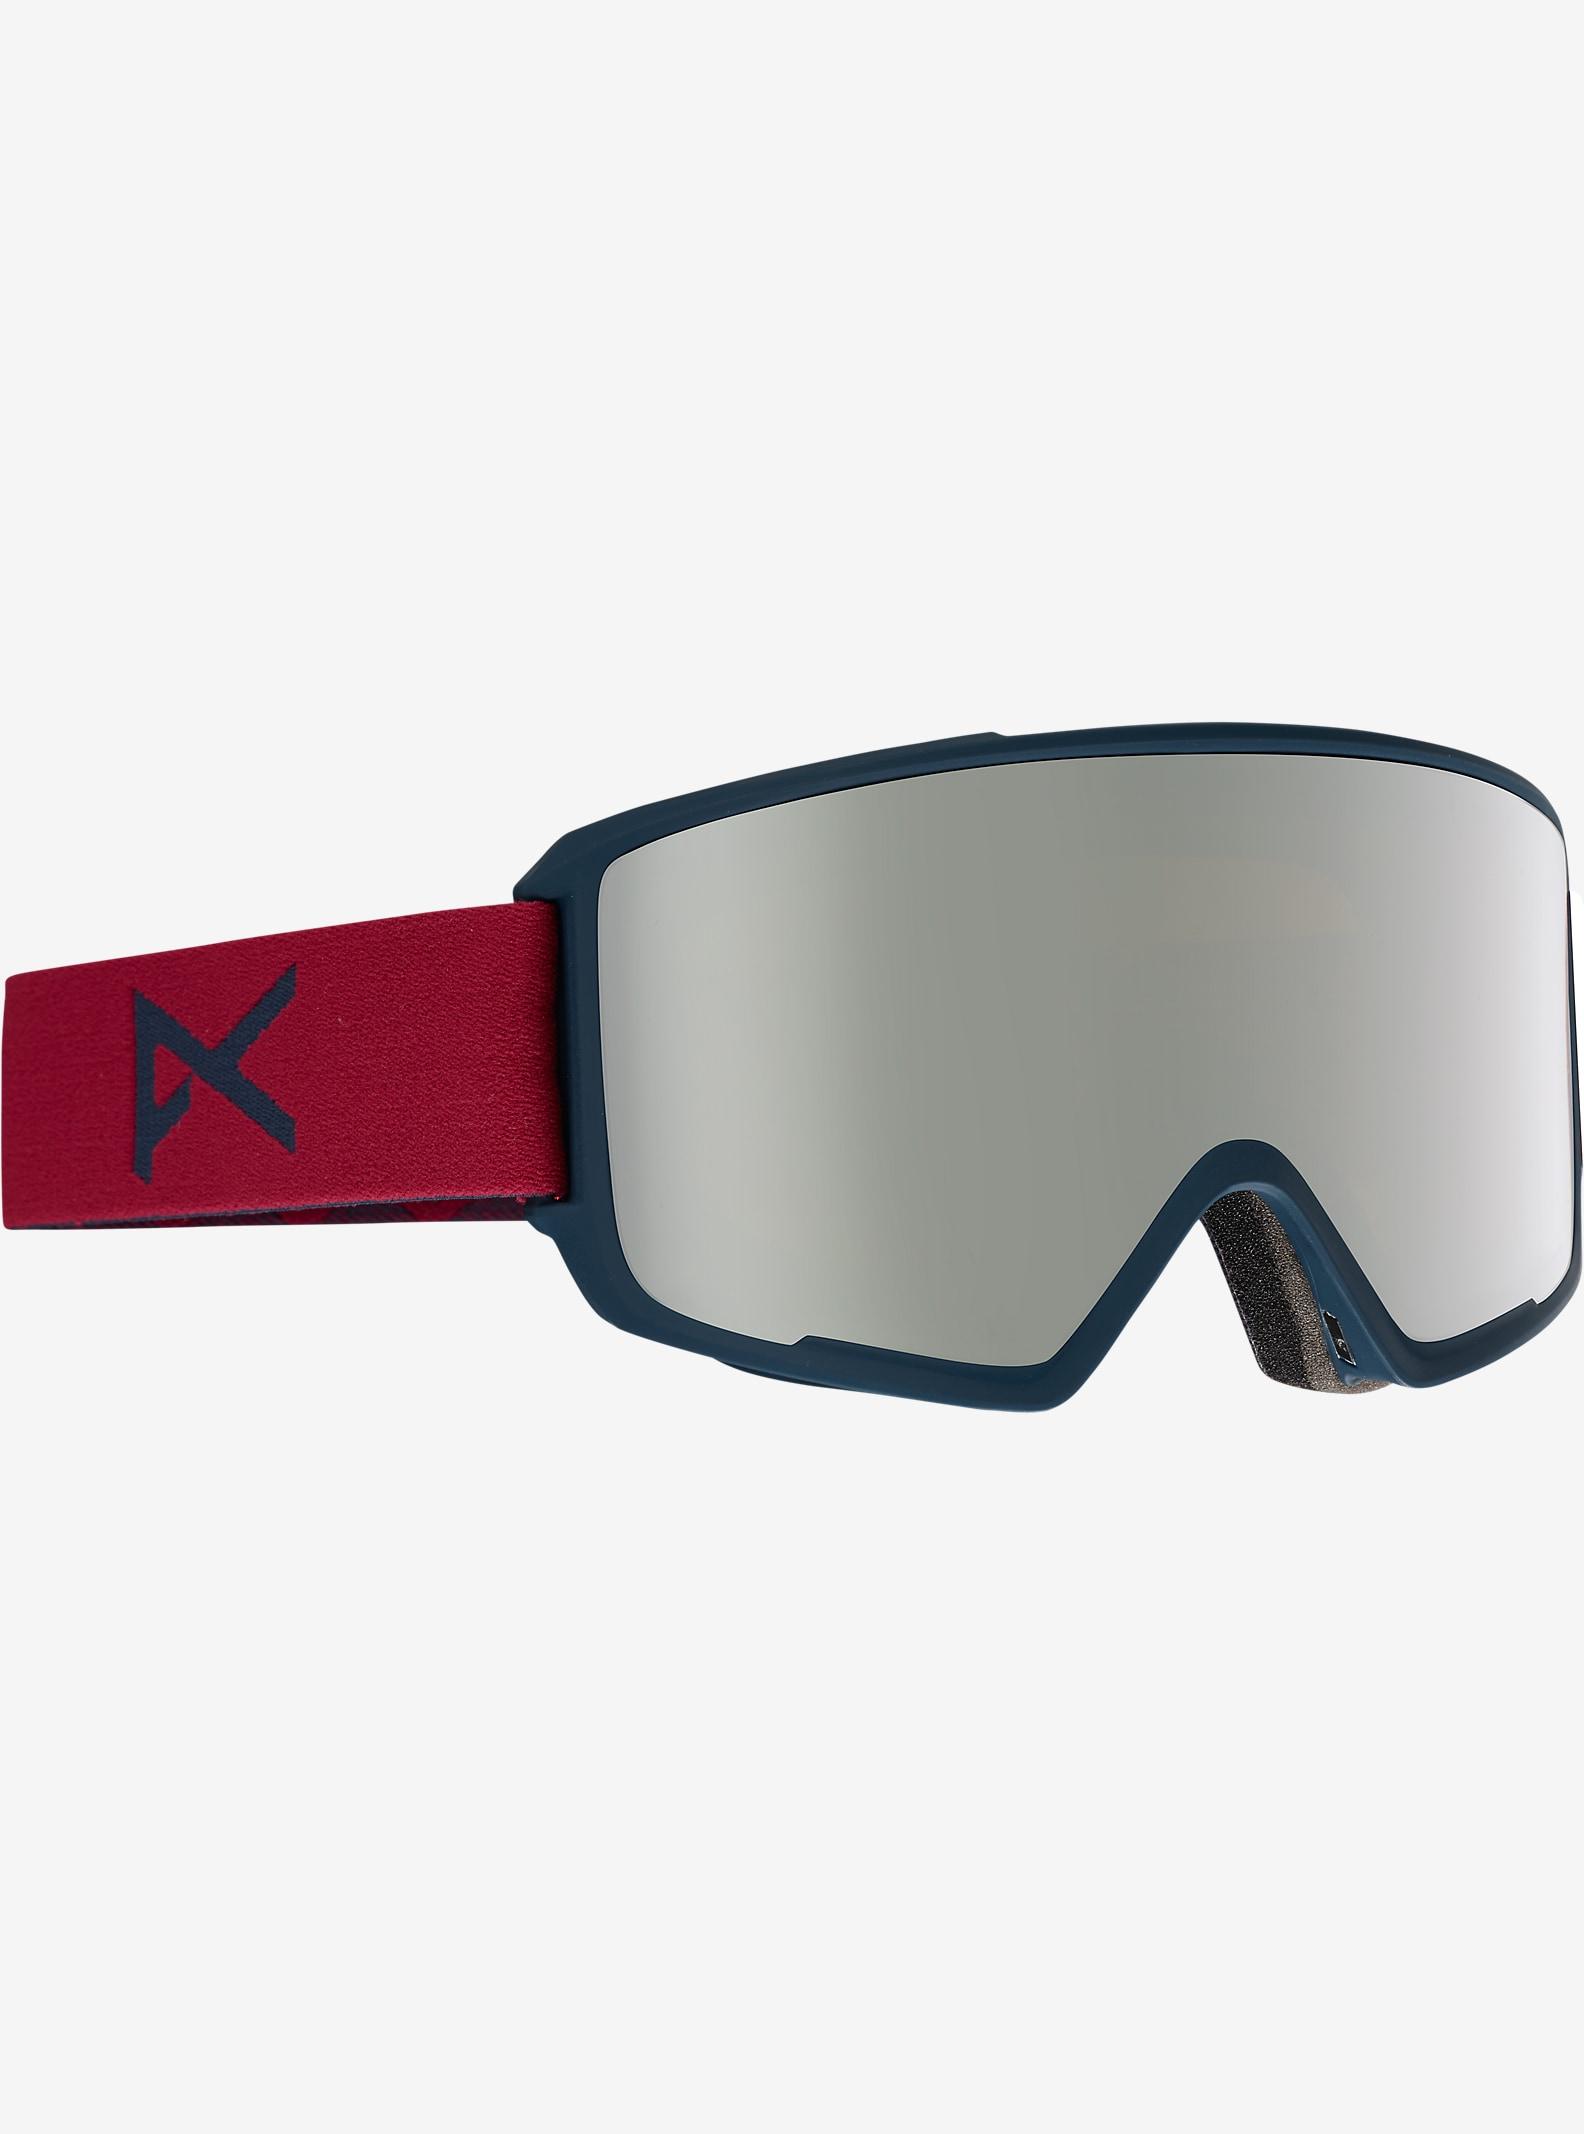 anon. M3 Goggle angezeigt in Rahmen: Madeira, Brillenglas: Silver Solex